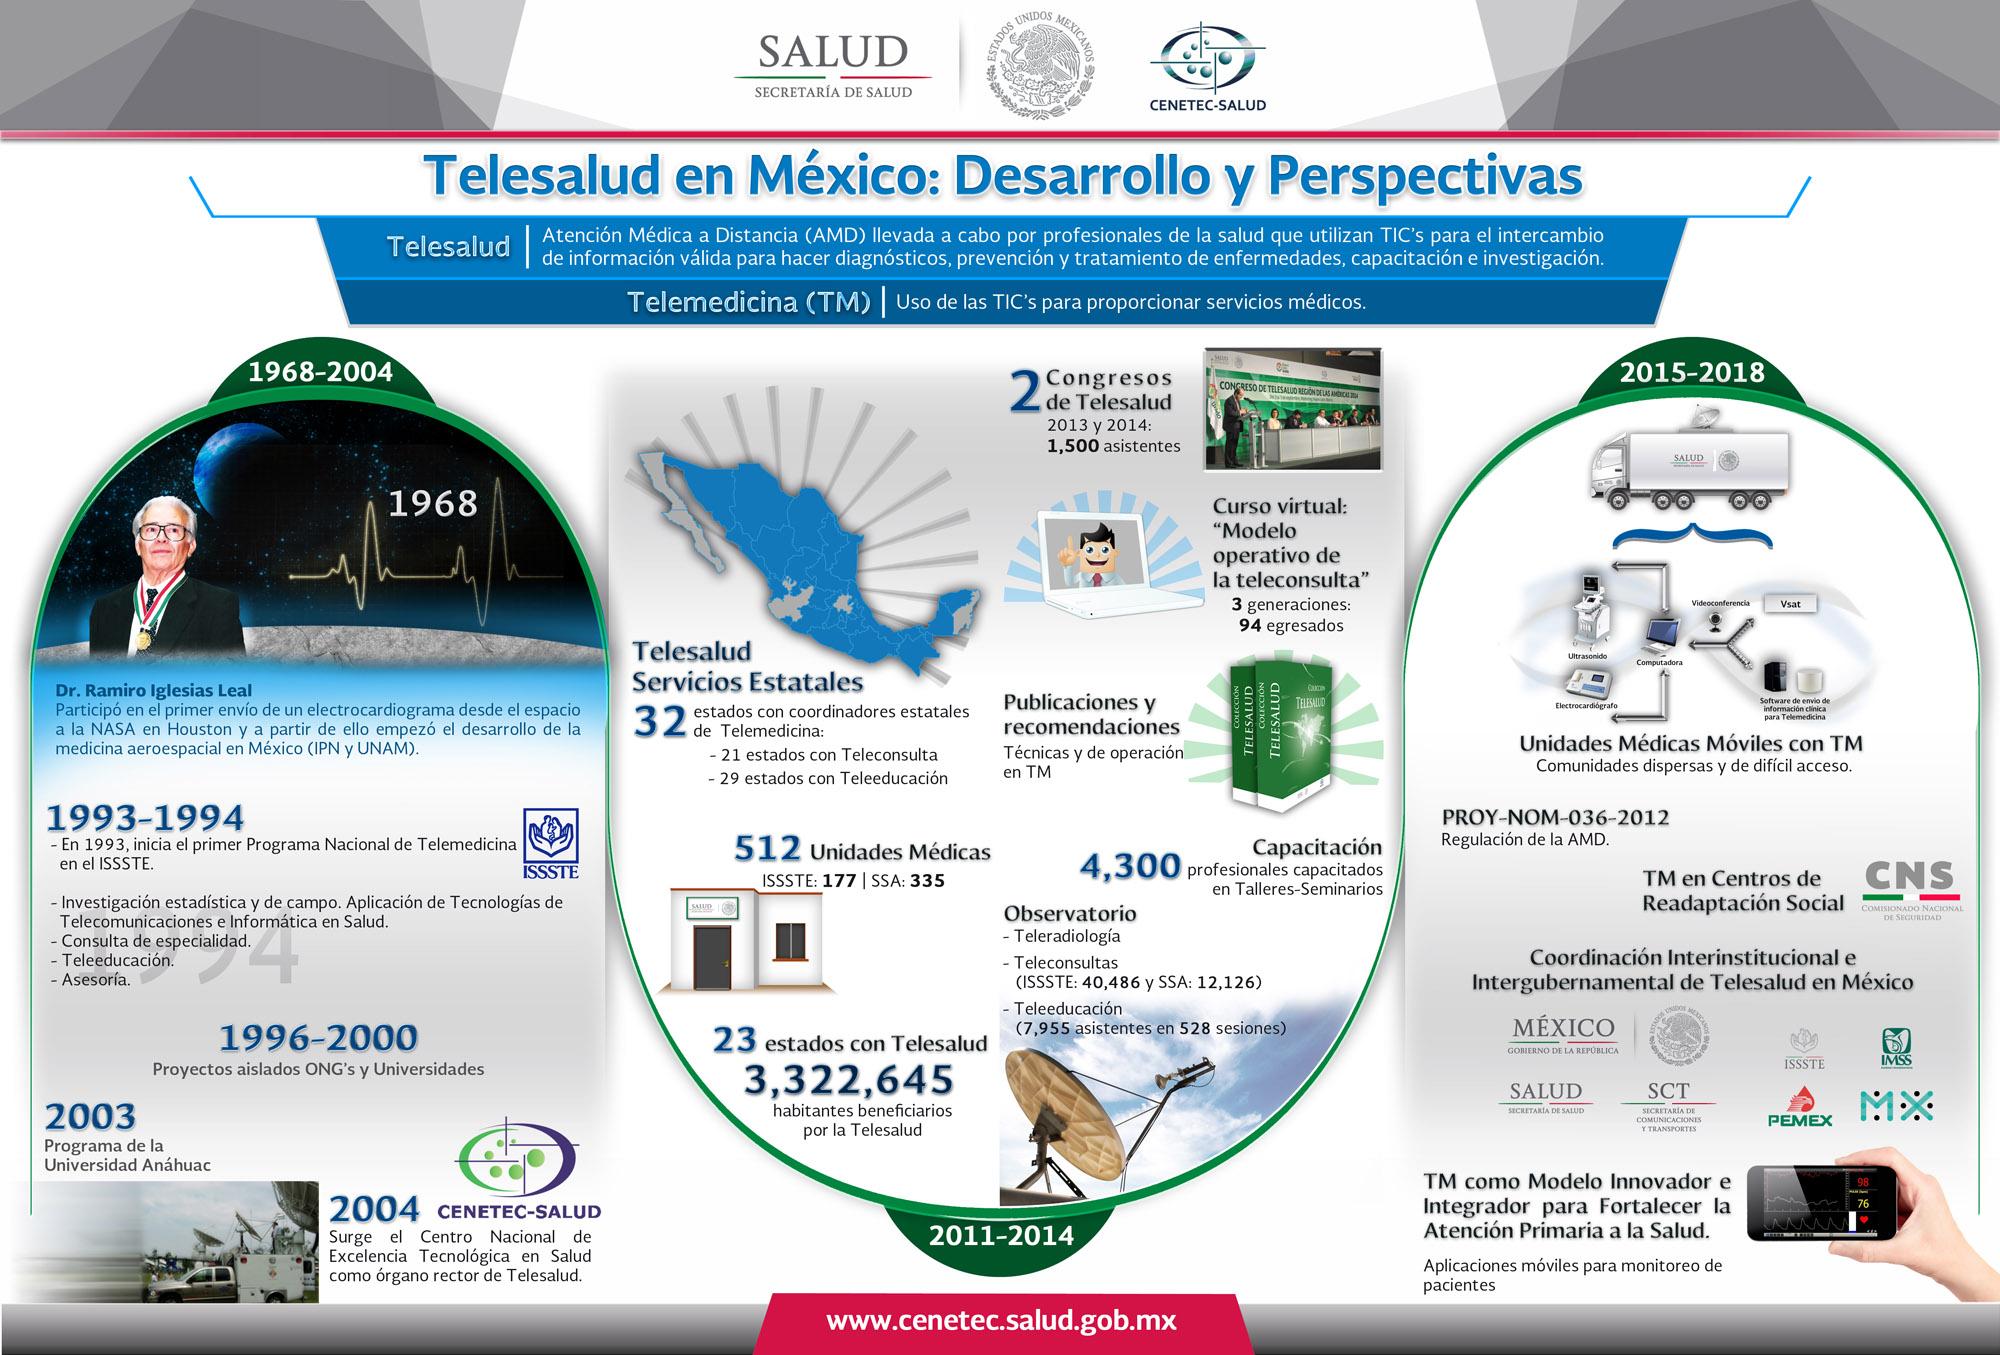 Infografia TS DesarrolloyPerspectivas V09 OK lightjpg